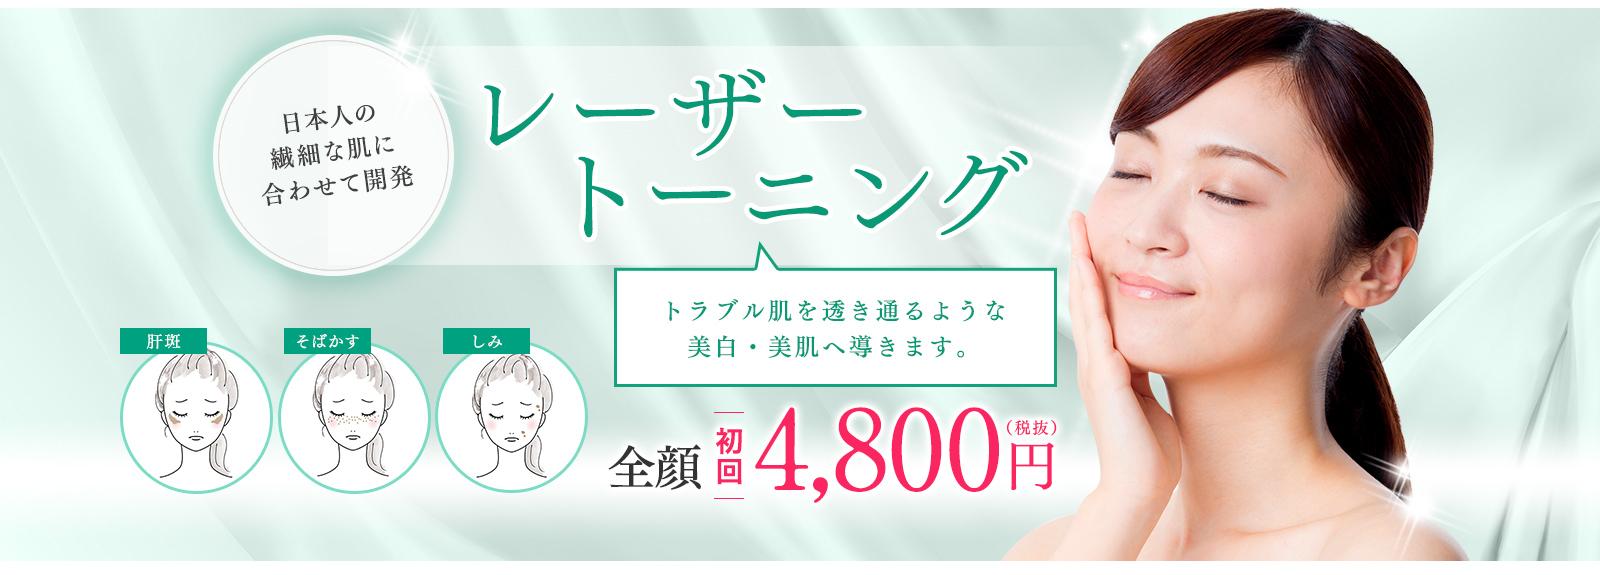 レーザートーニング4,800円